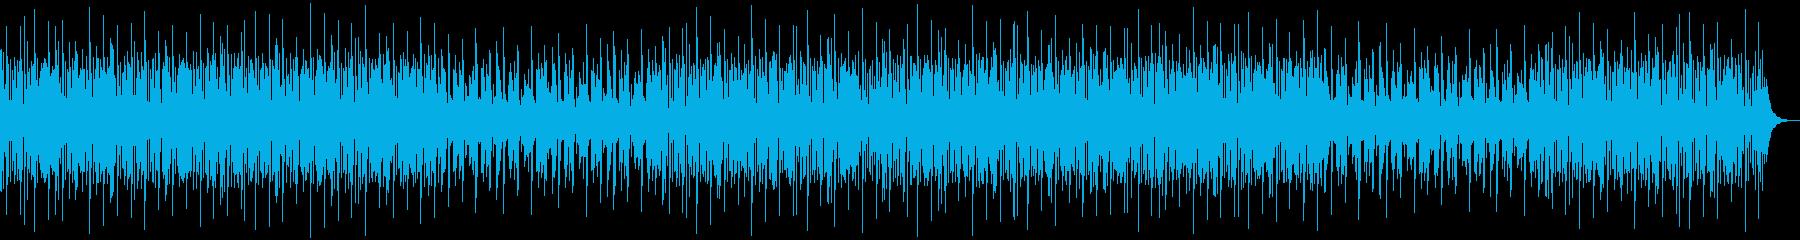 和風・EDM・トラップ・おしゃれの再生済みの波形